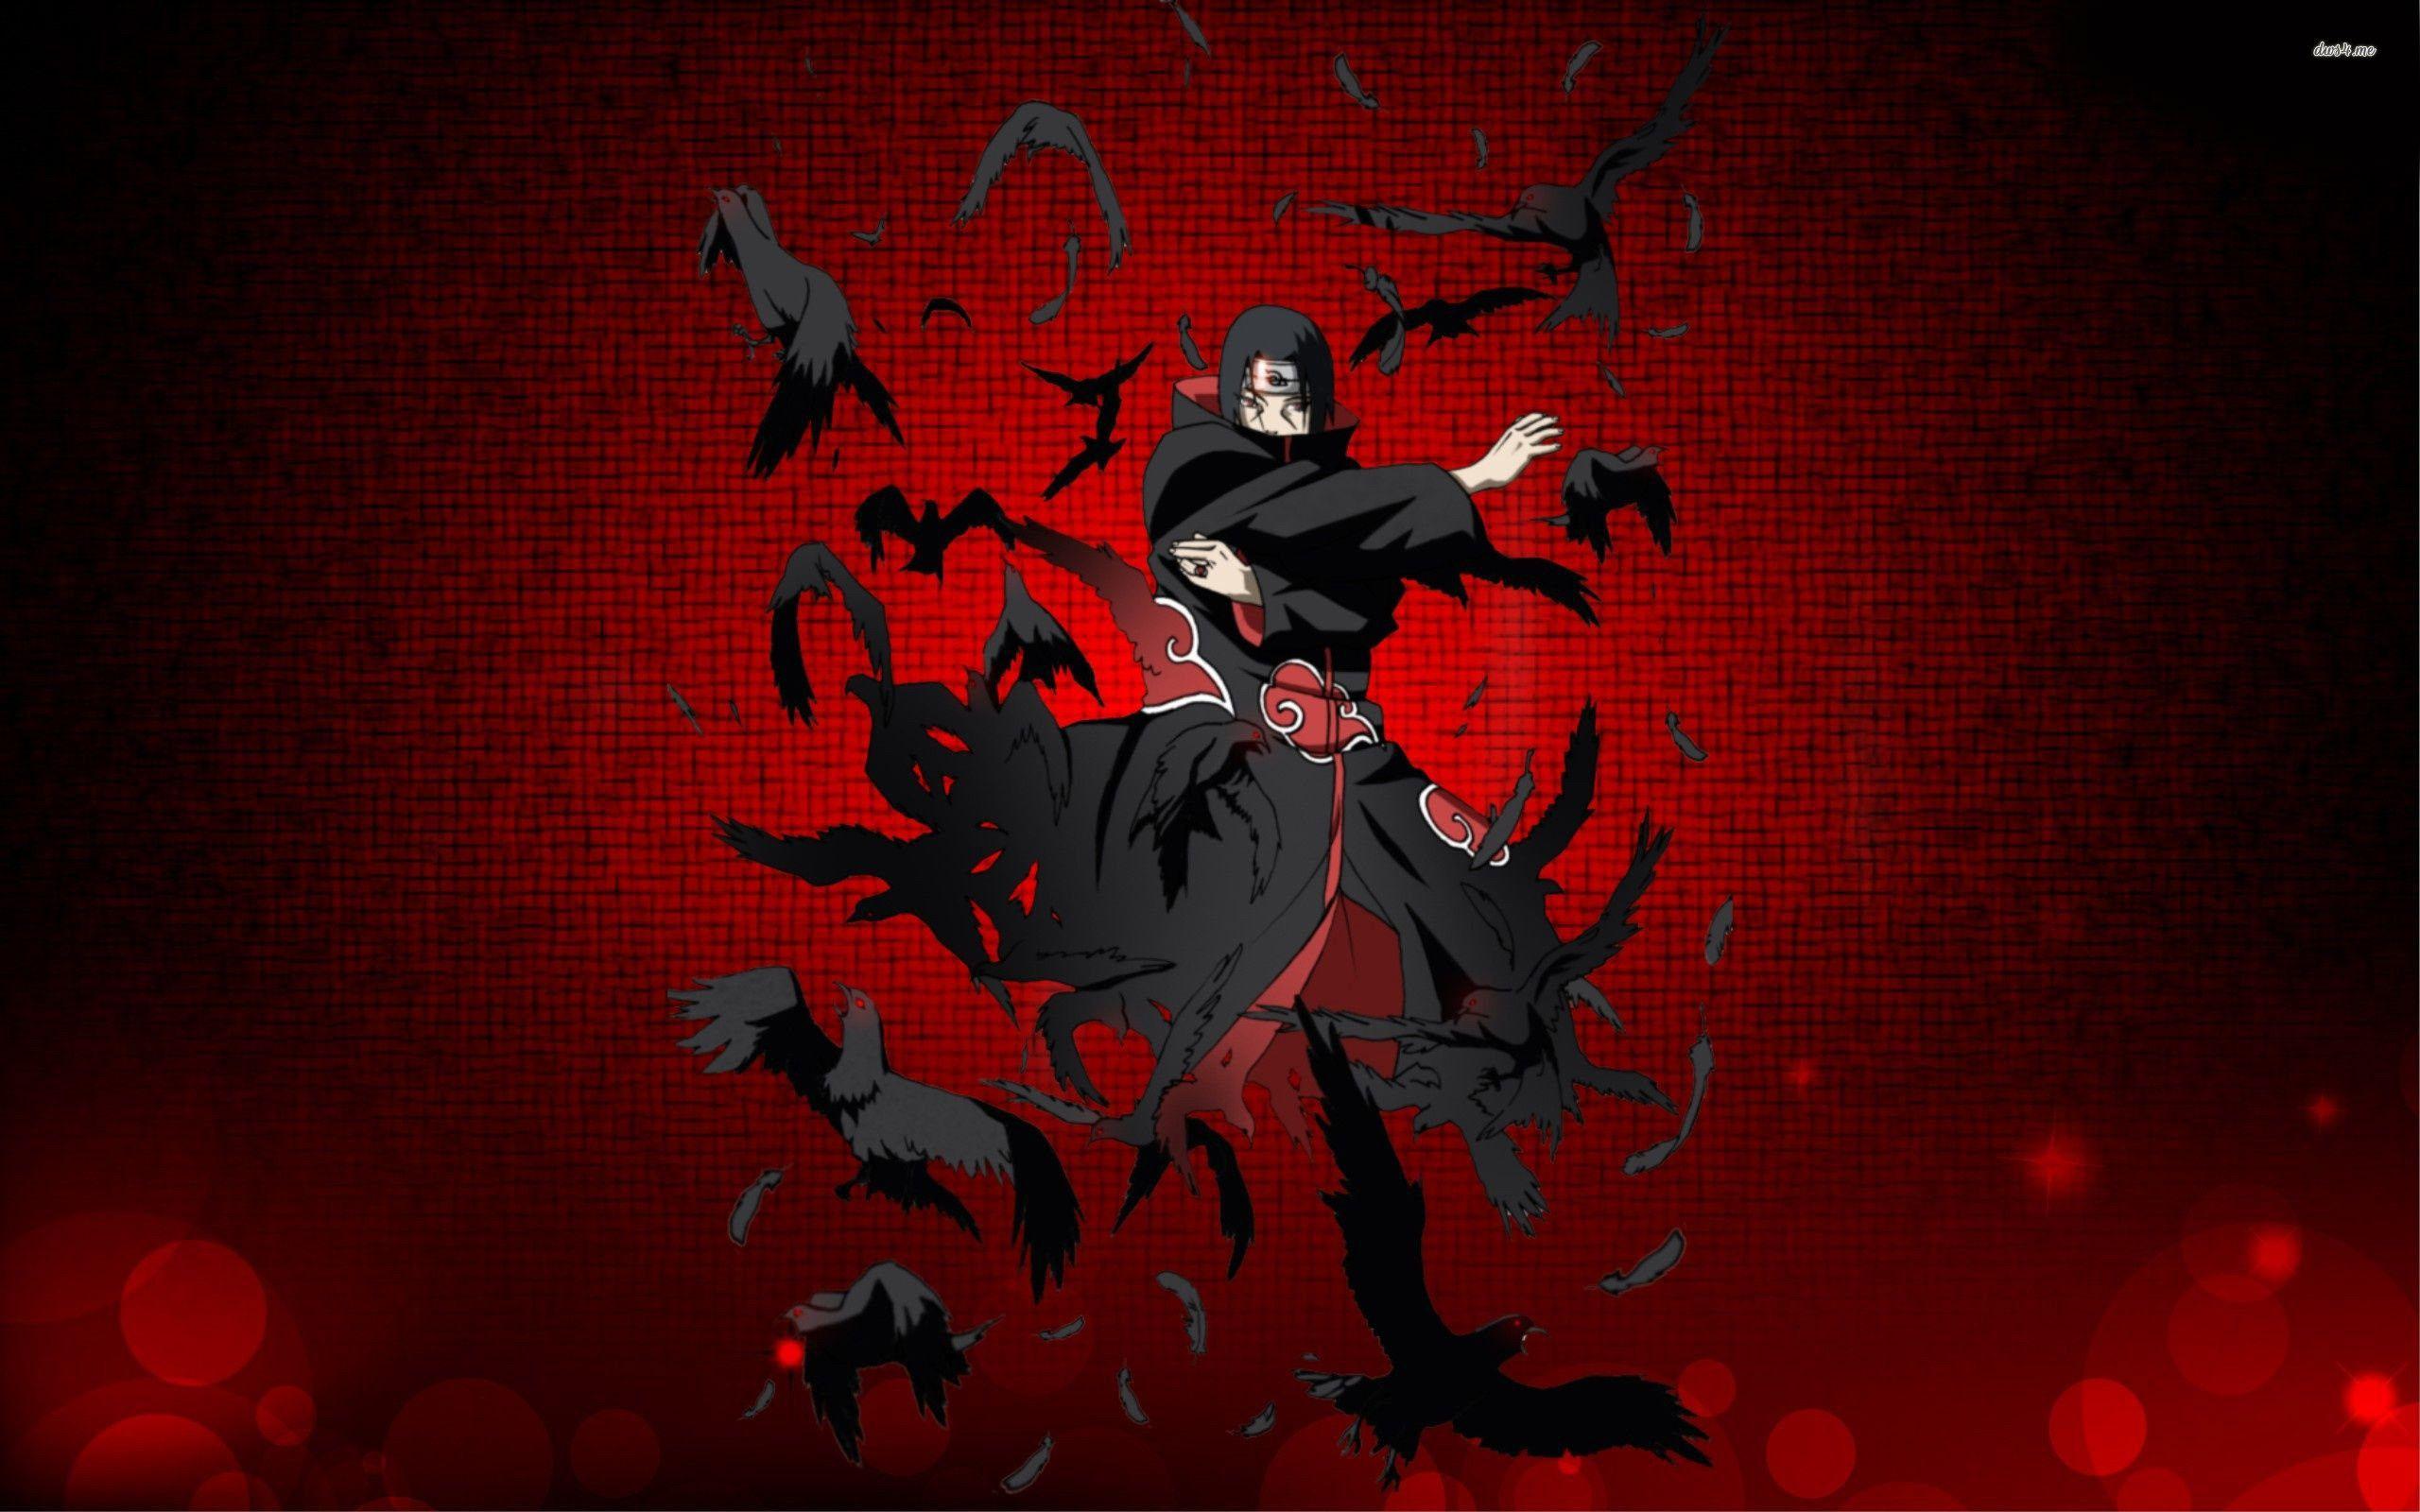 Res 2560x1600, Anime Naruto Itachi Uchiha Wallpaper